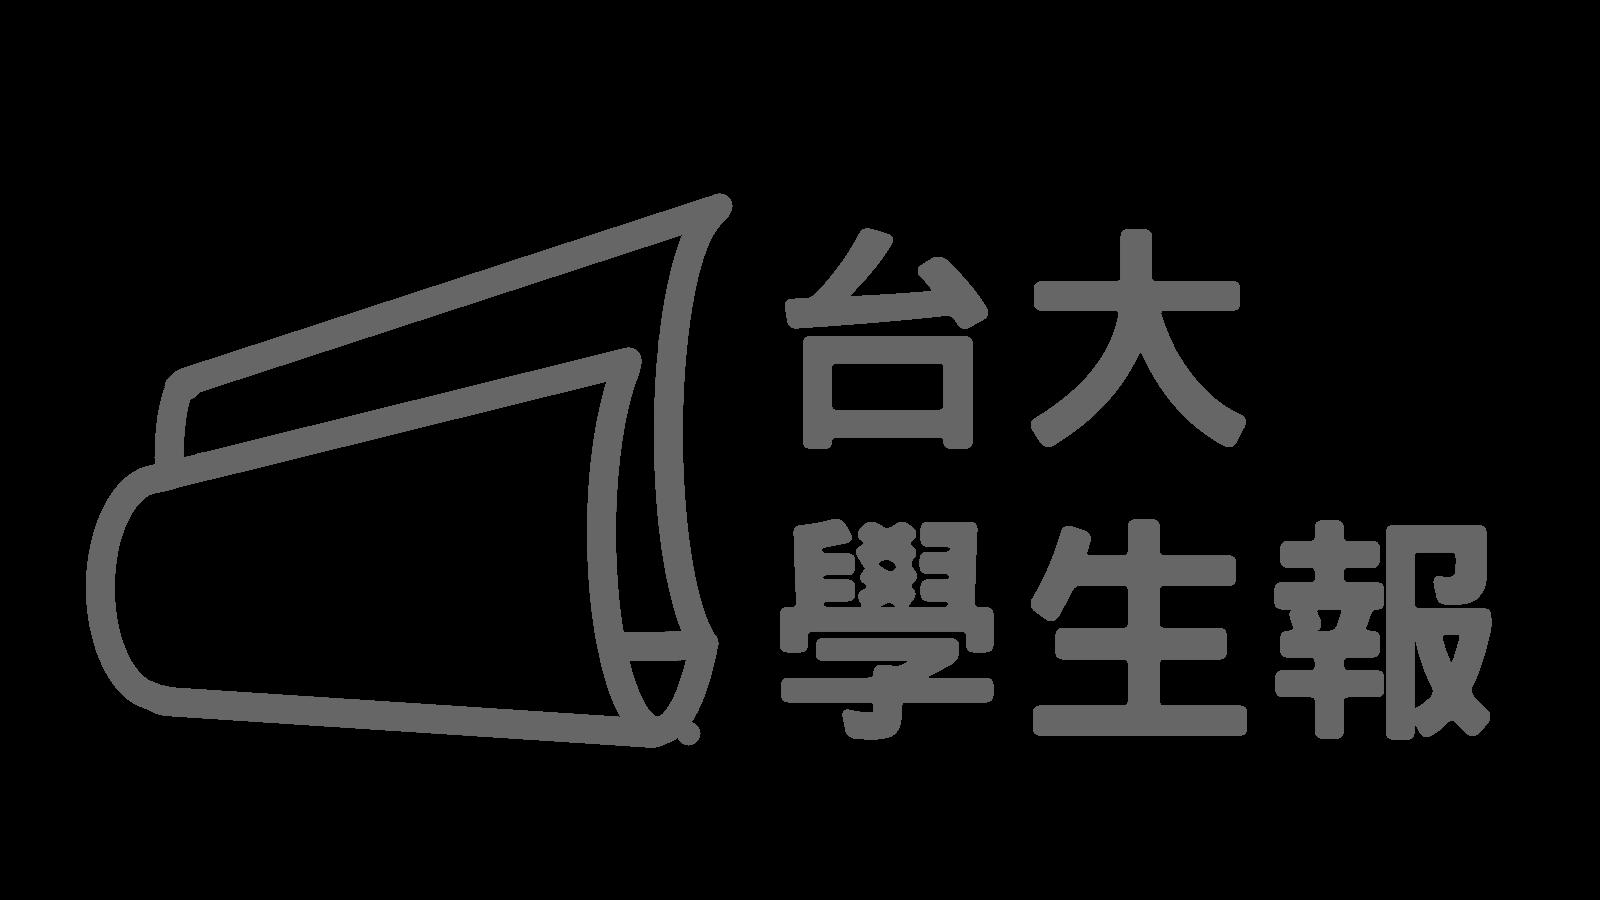 臺大學生報